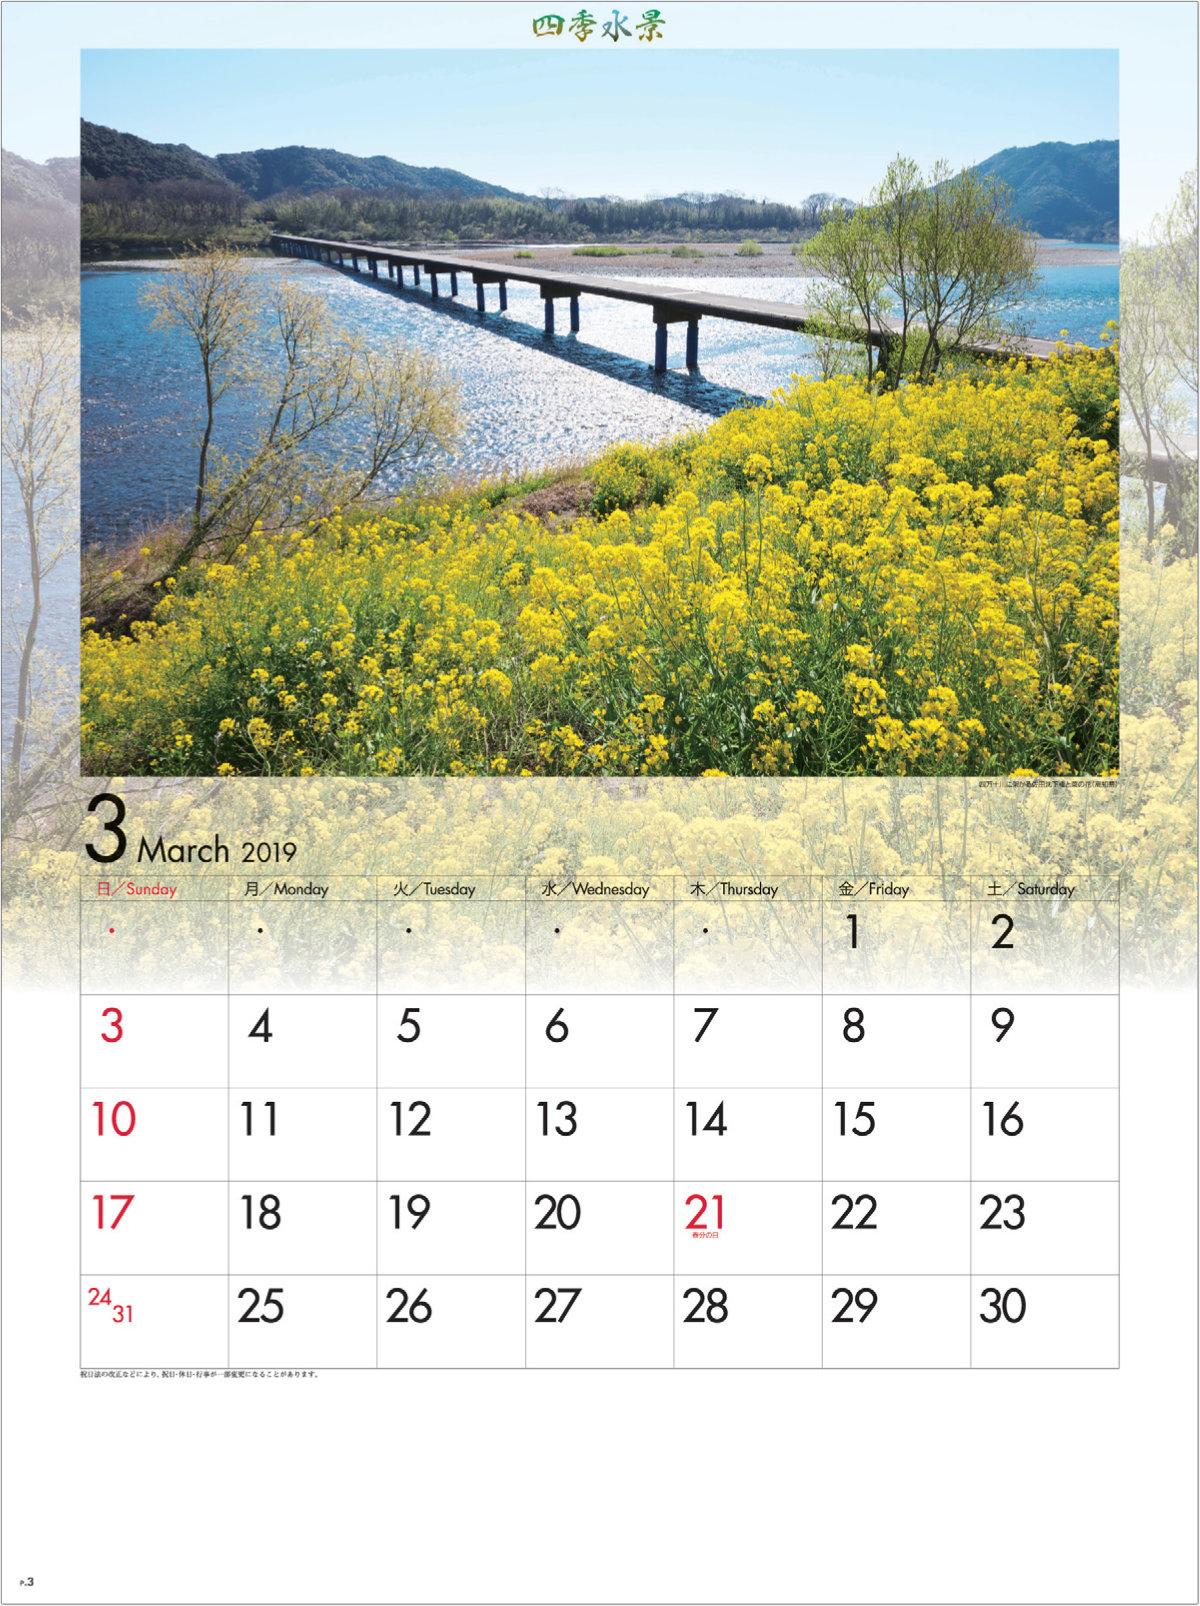 画像:高知県 四万十川の佐田沈下橋 四季水景 2019年カレンダー